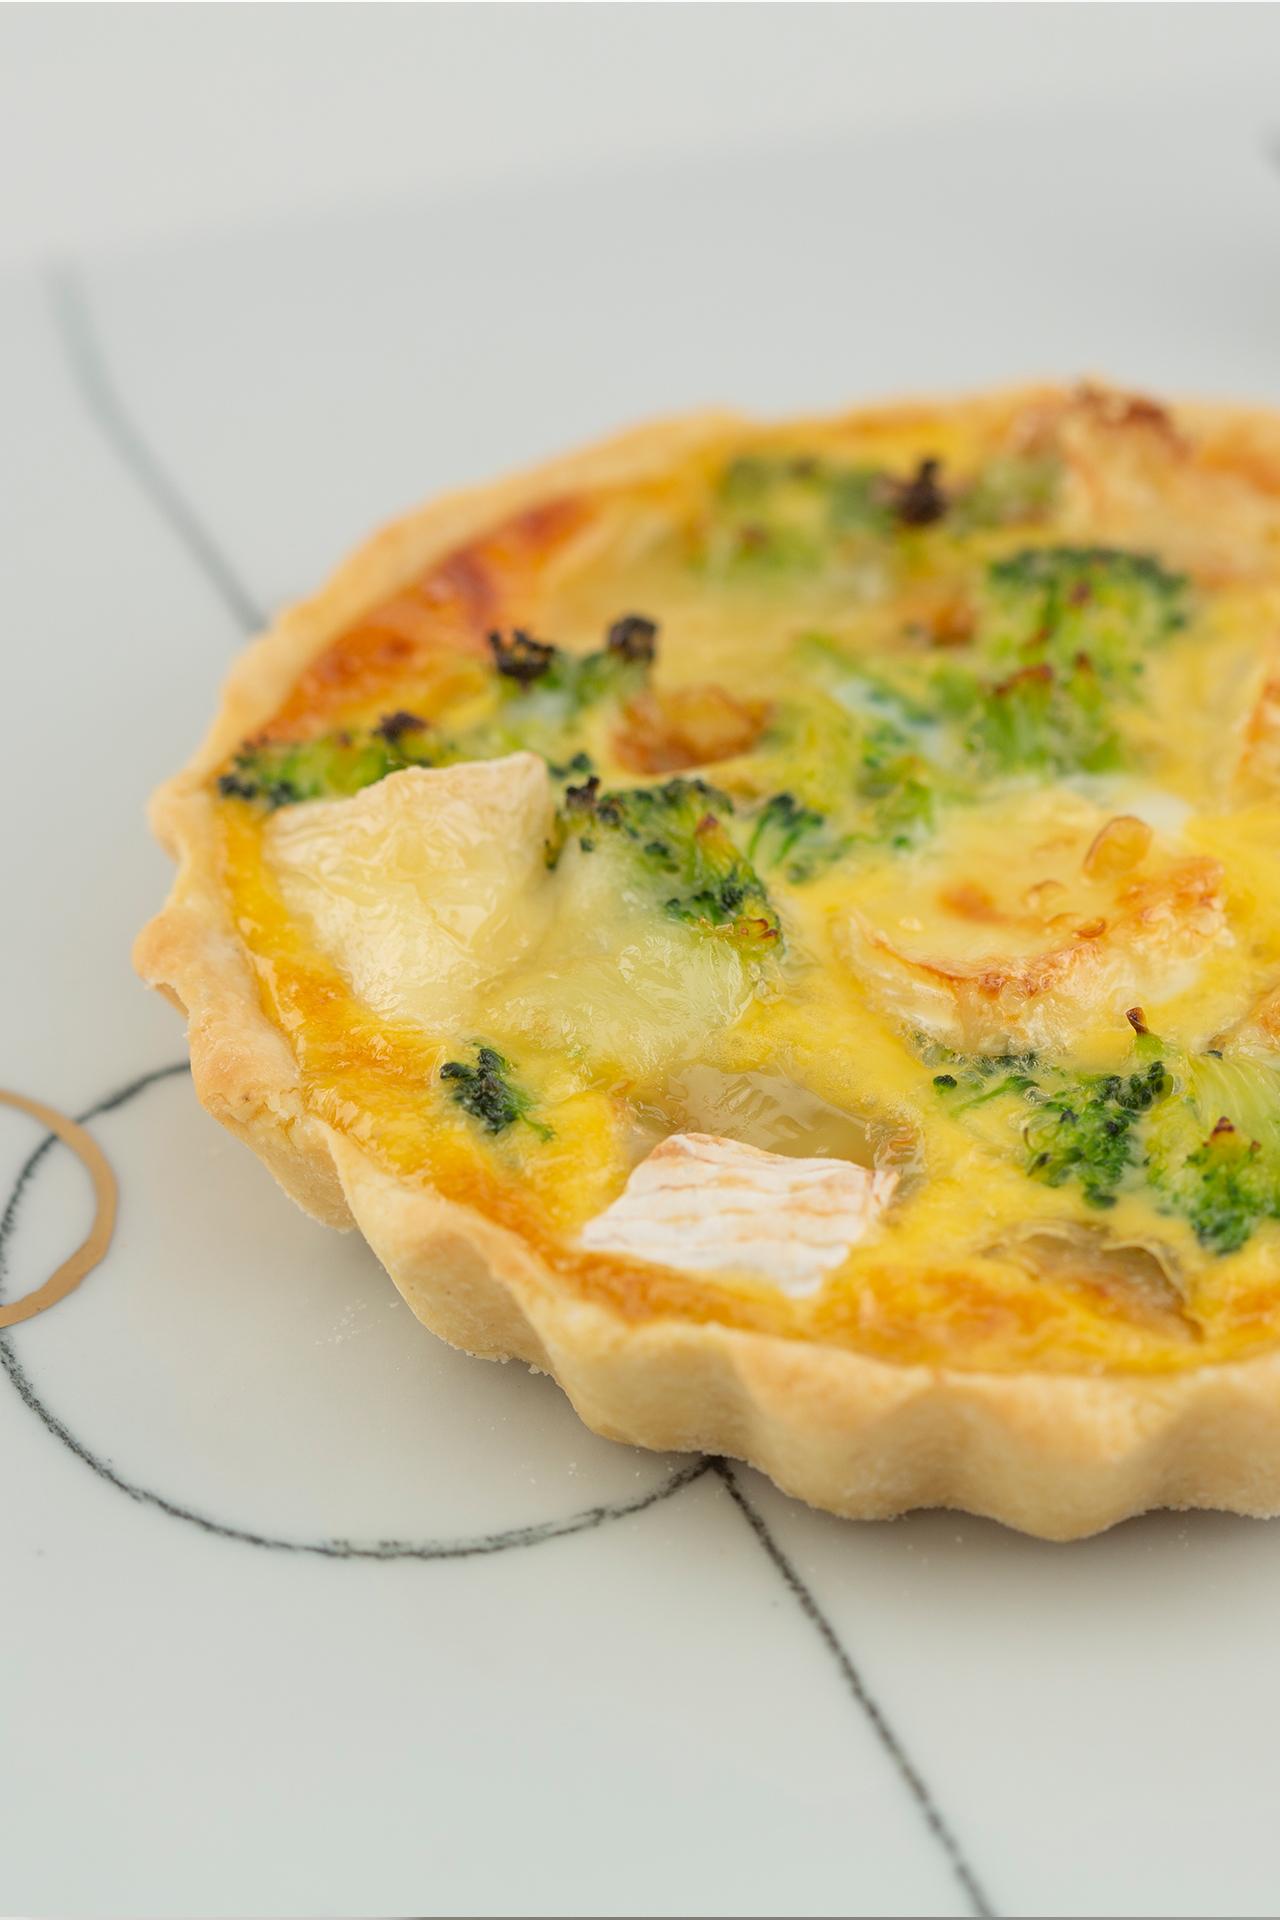 Mini quiche with Camembert and broccoli